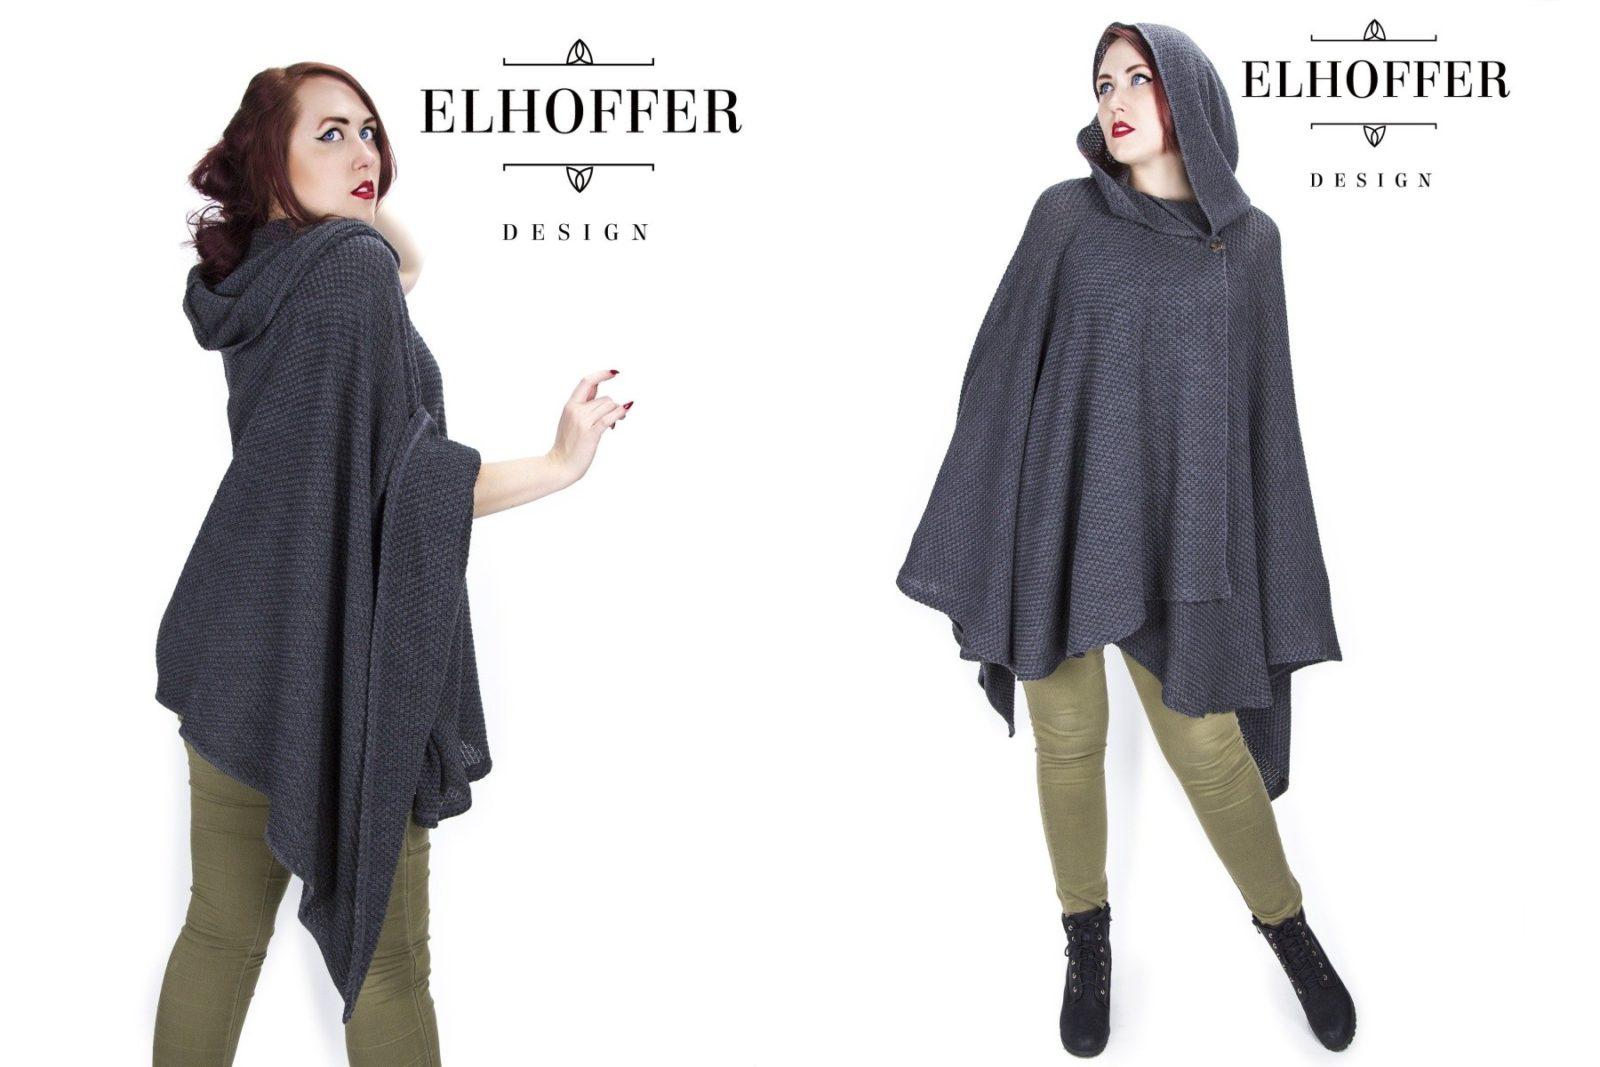 Rey Inspired Cape from Elhoffer Design